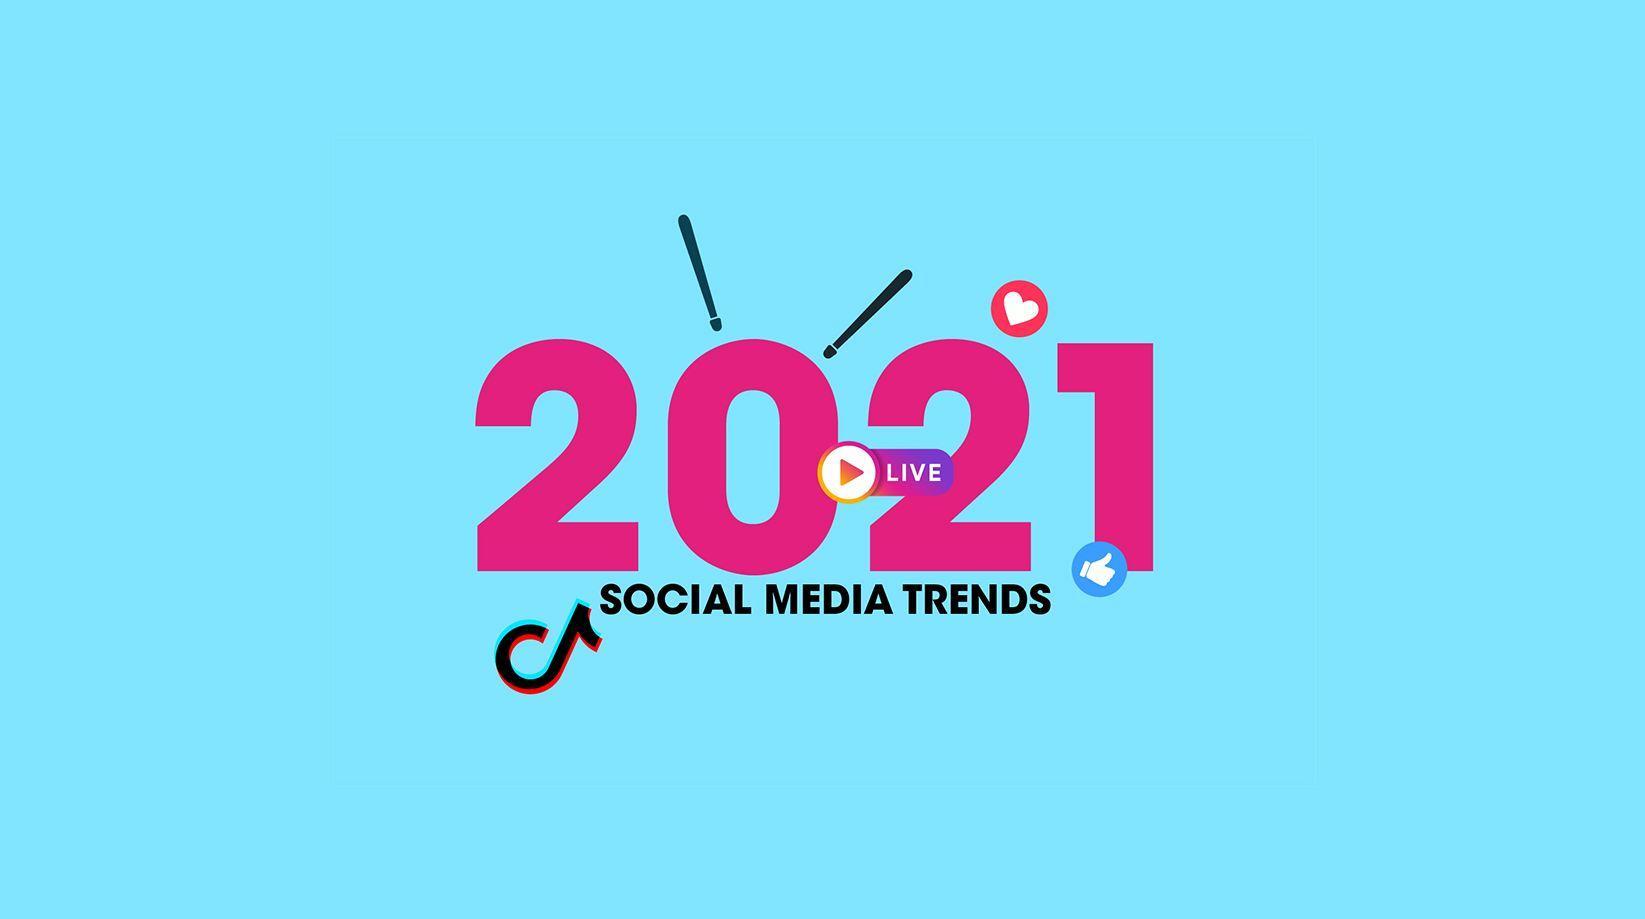 2021 Social Media Trends - News